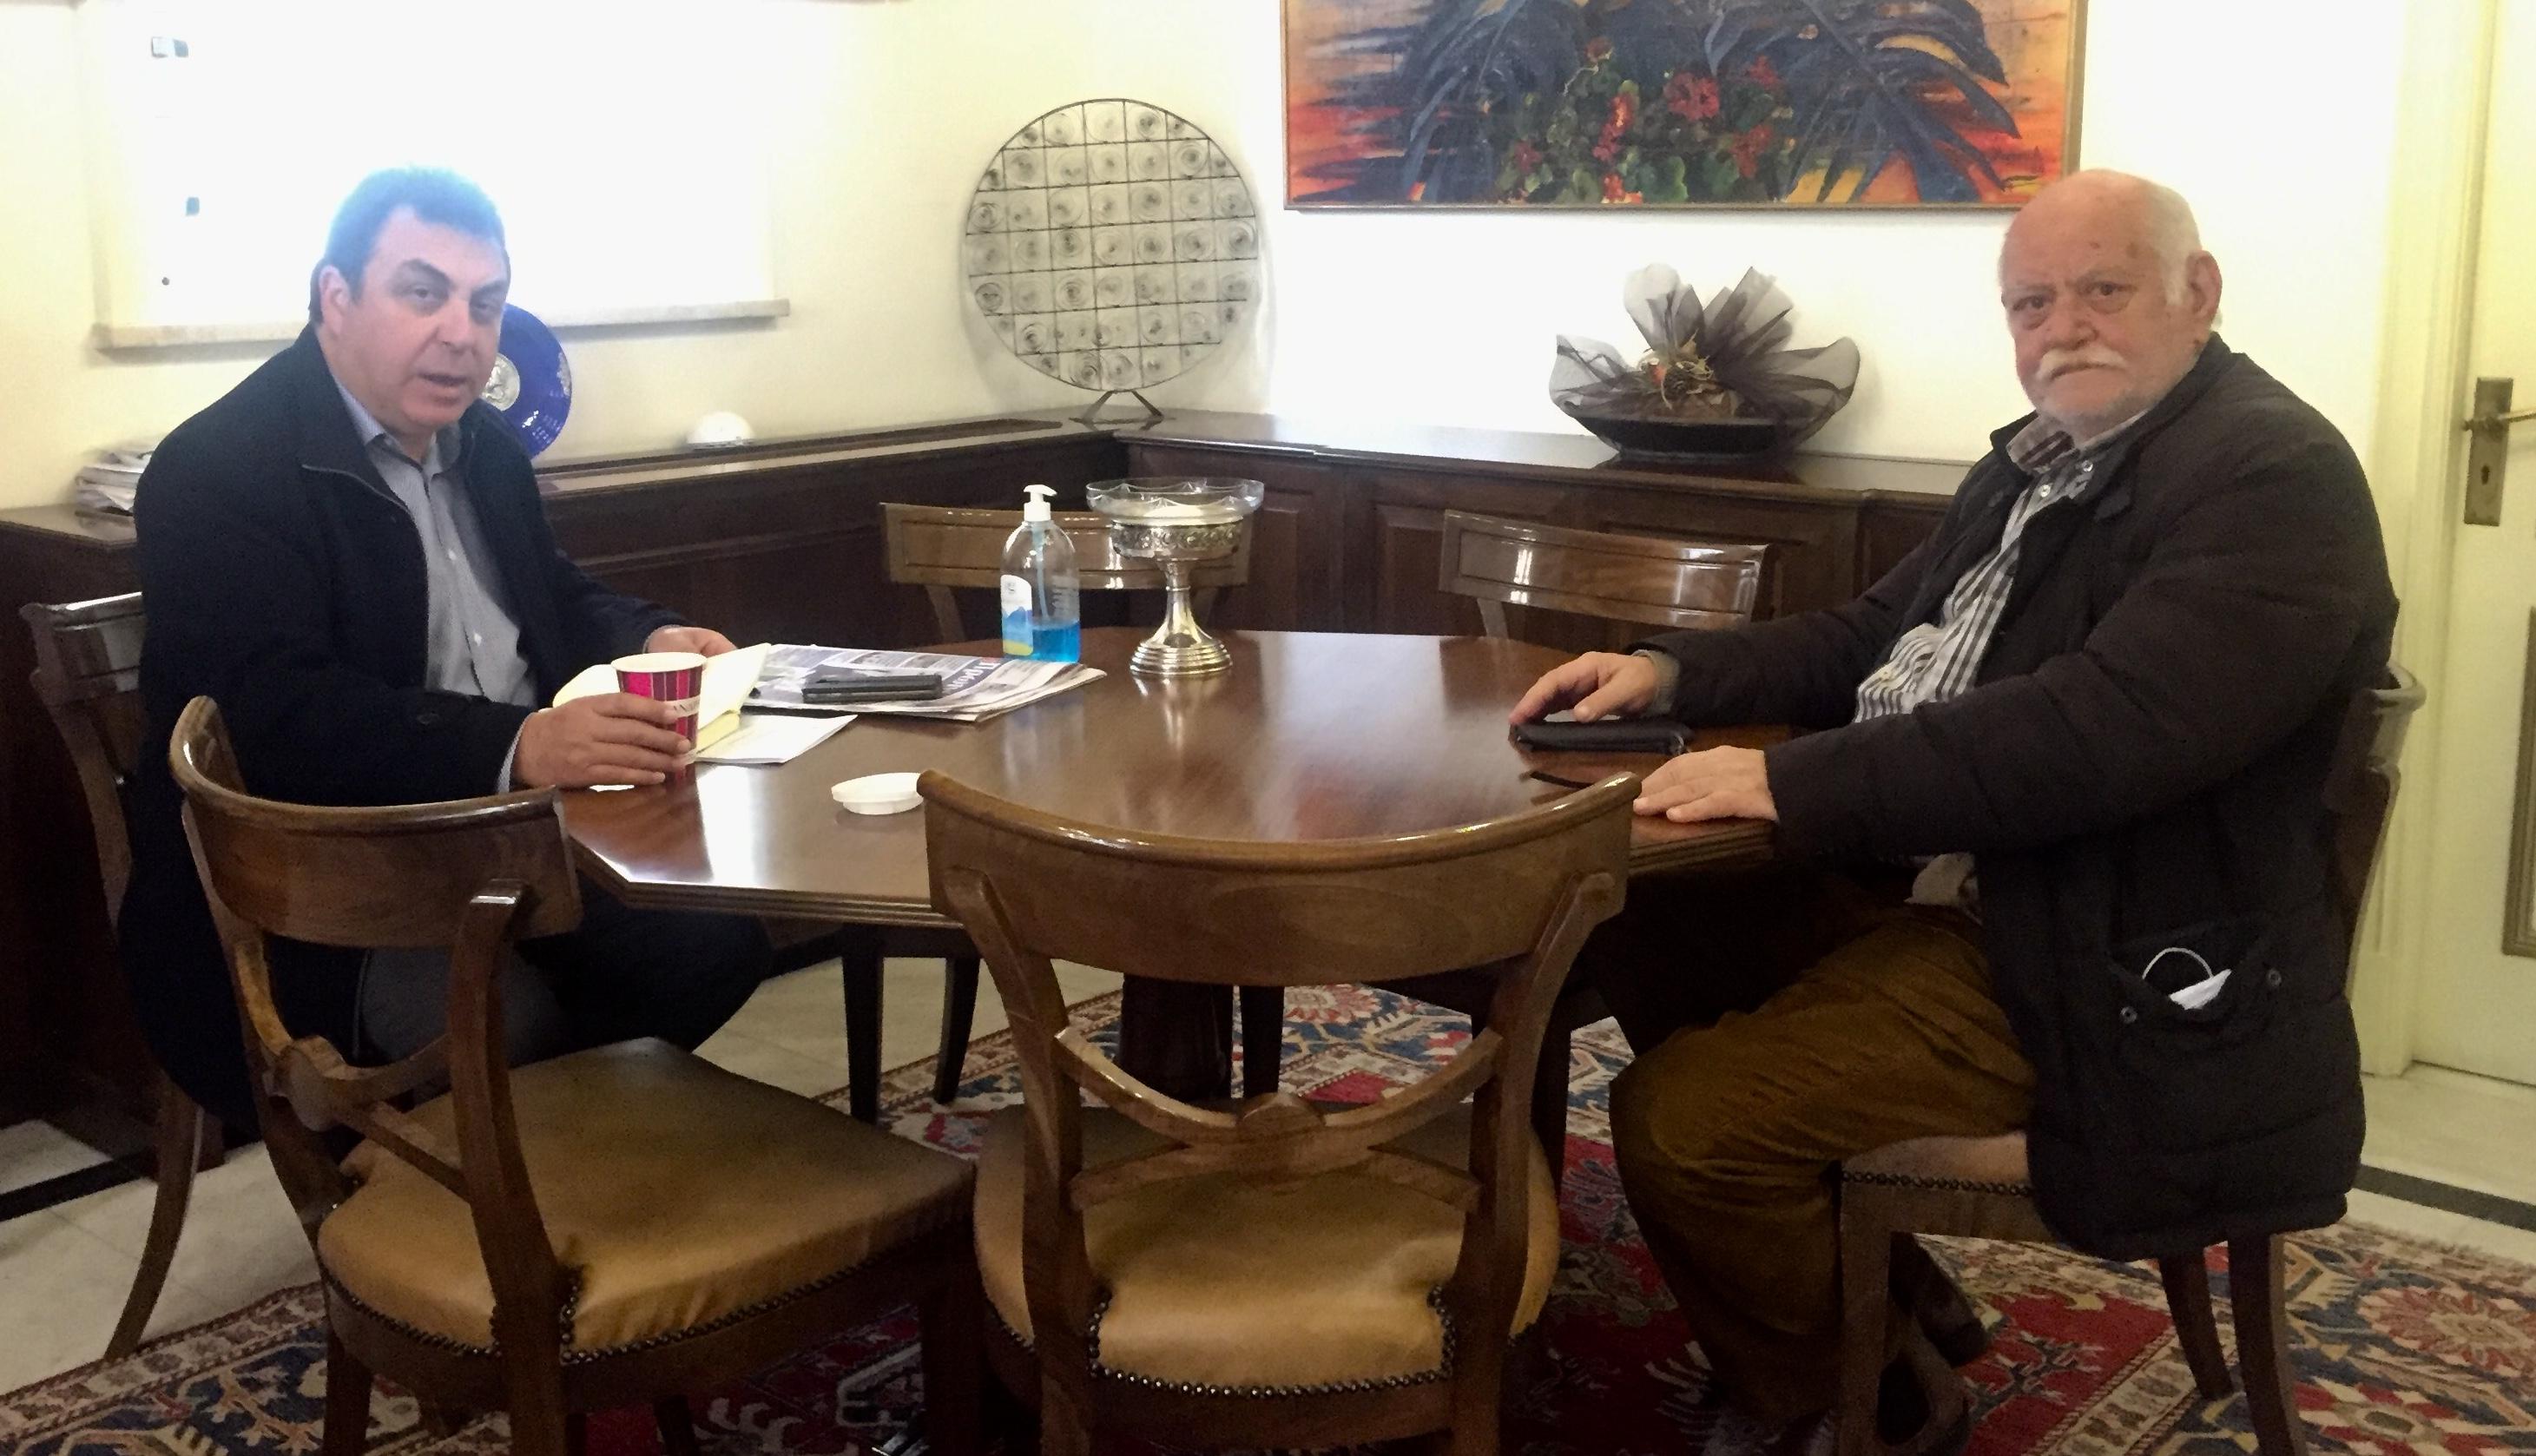 Δήμος Πύργου: Συνάντηση Αντωνακόπουλου-Χριστόπουλου- Μέτρα στήριξης του Νοσοκομείου Πύργου για την αντιμετώπιση του κορωνοϊού